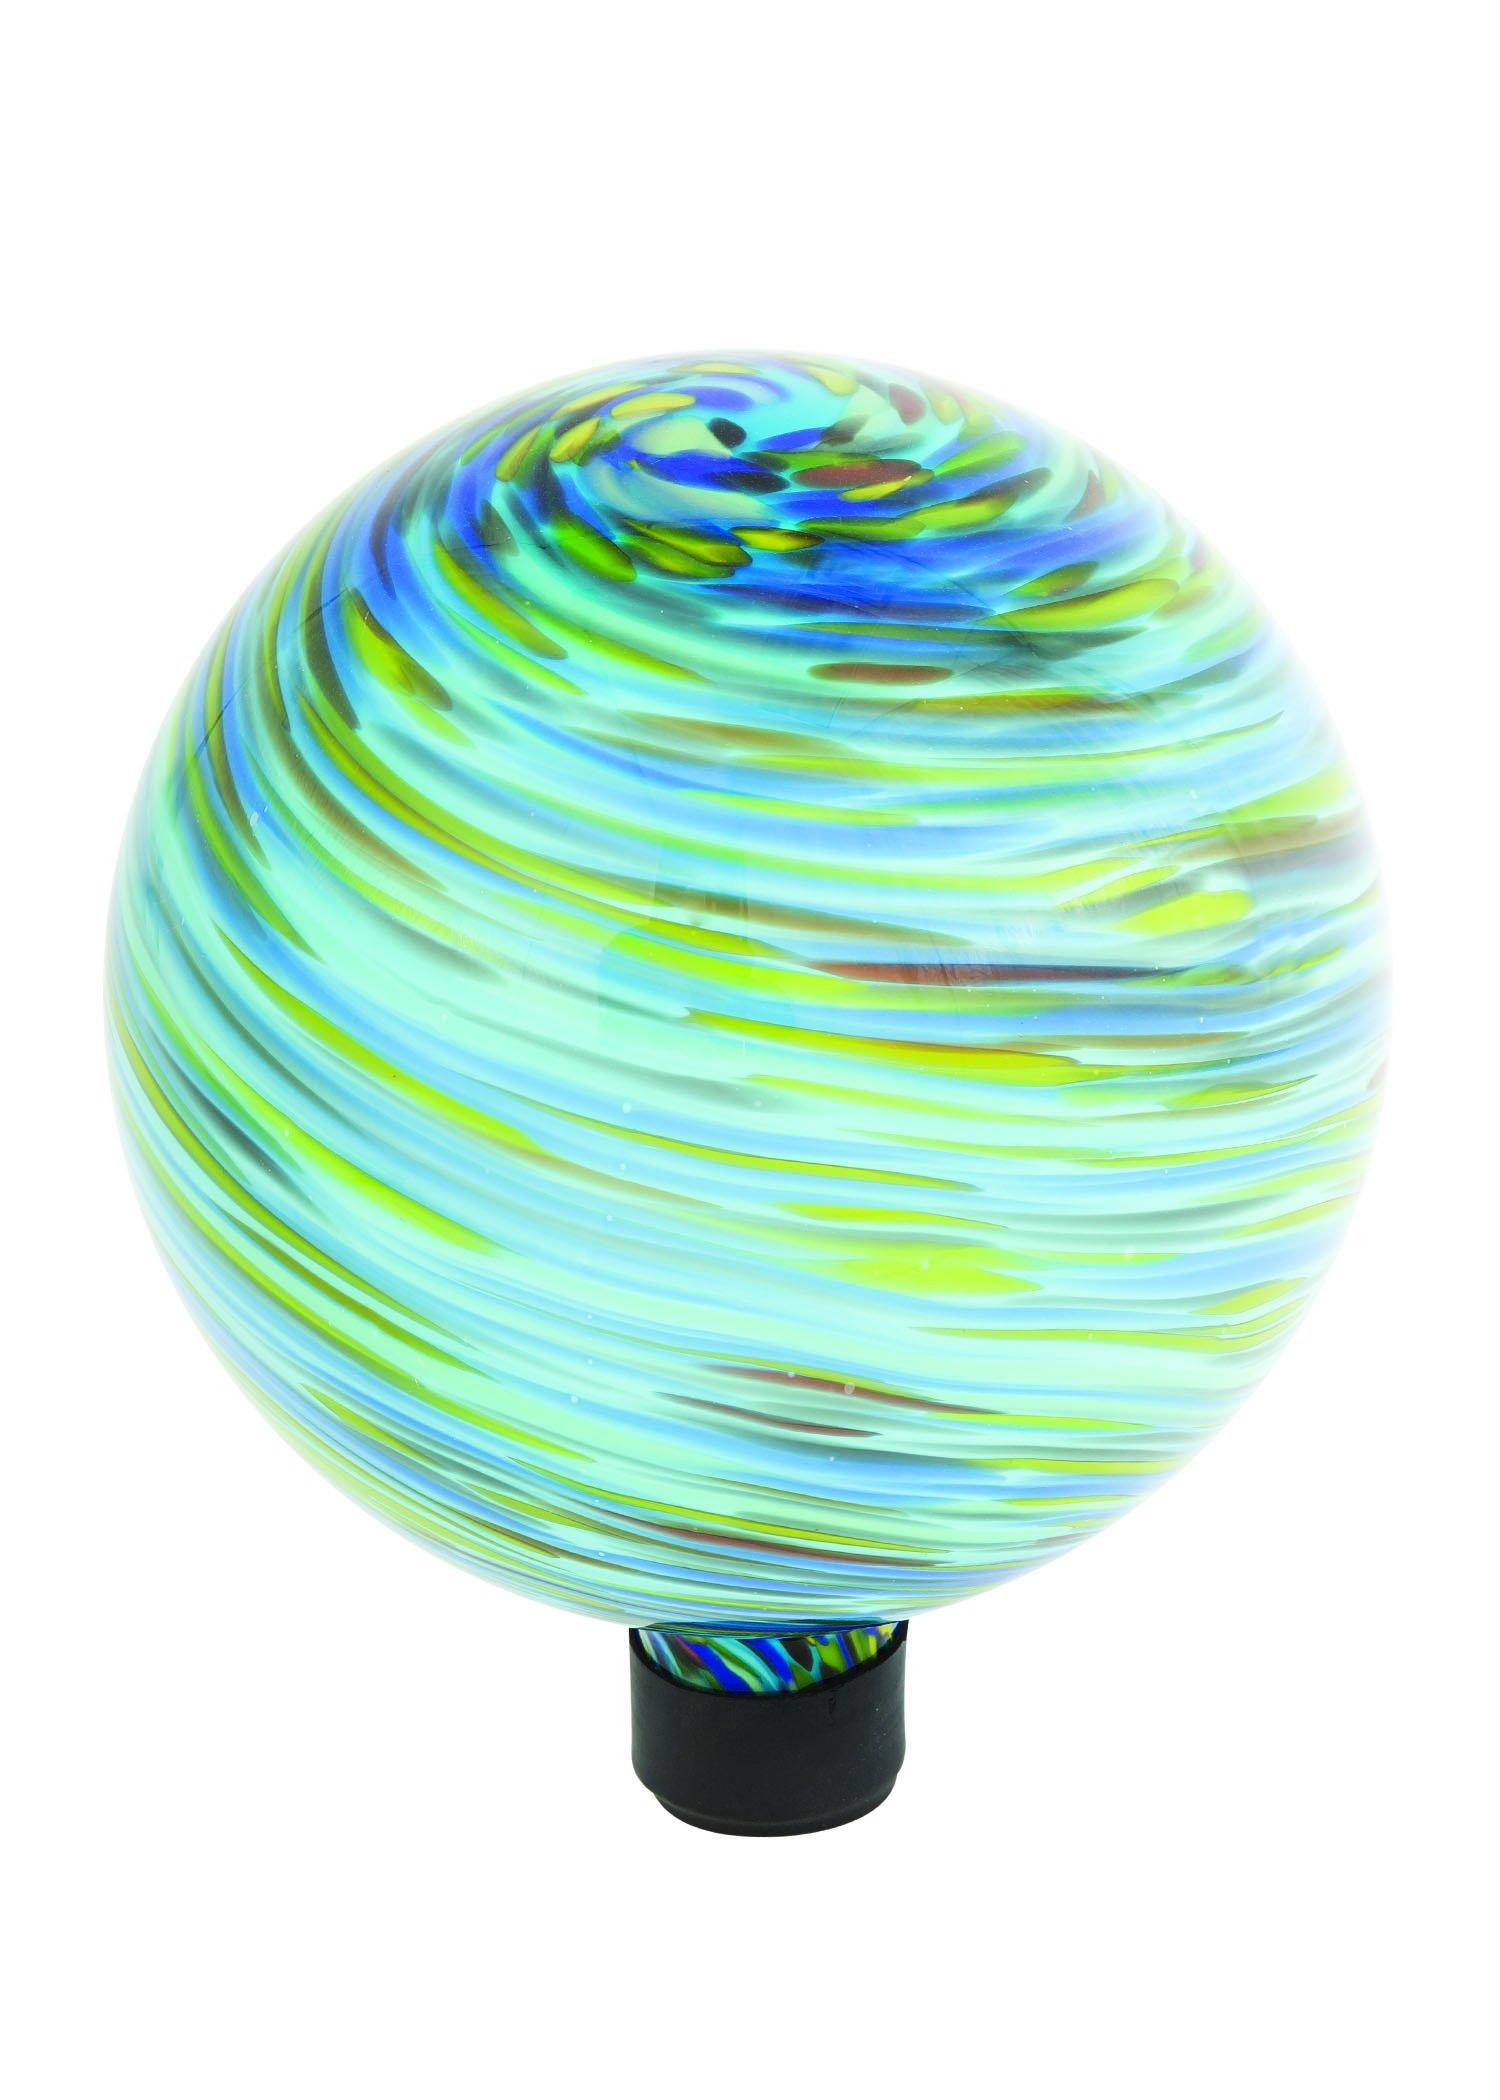 Russco III GD137197 Glass Gazing Ball, 10'', Blue Swirl